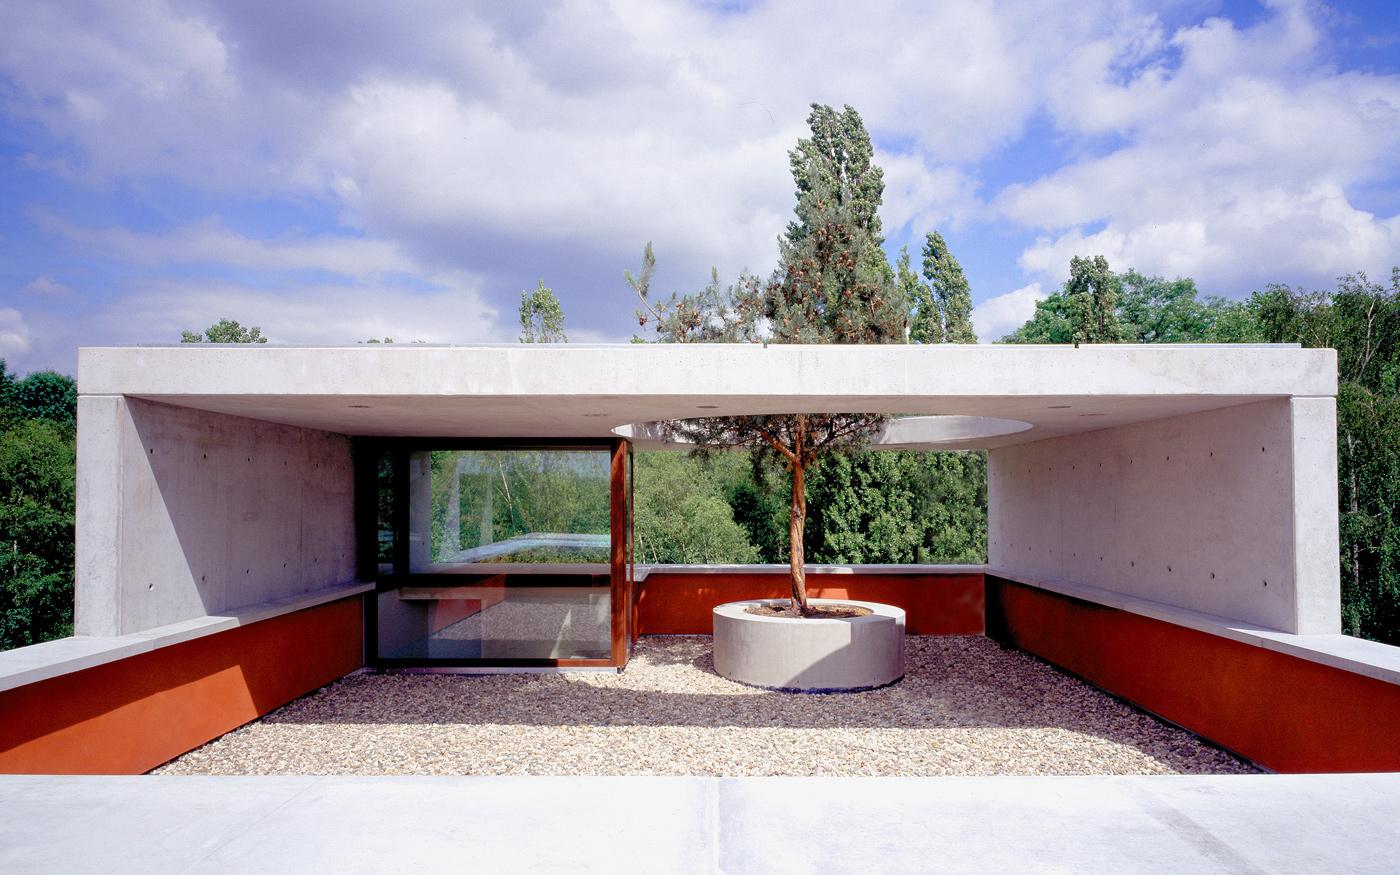 Rotes-Haus-Dachterrasse.jpg